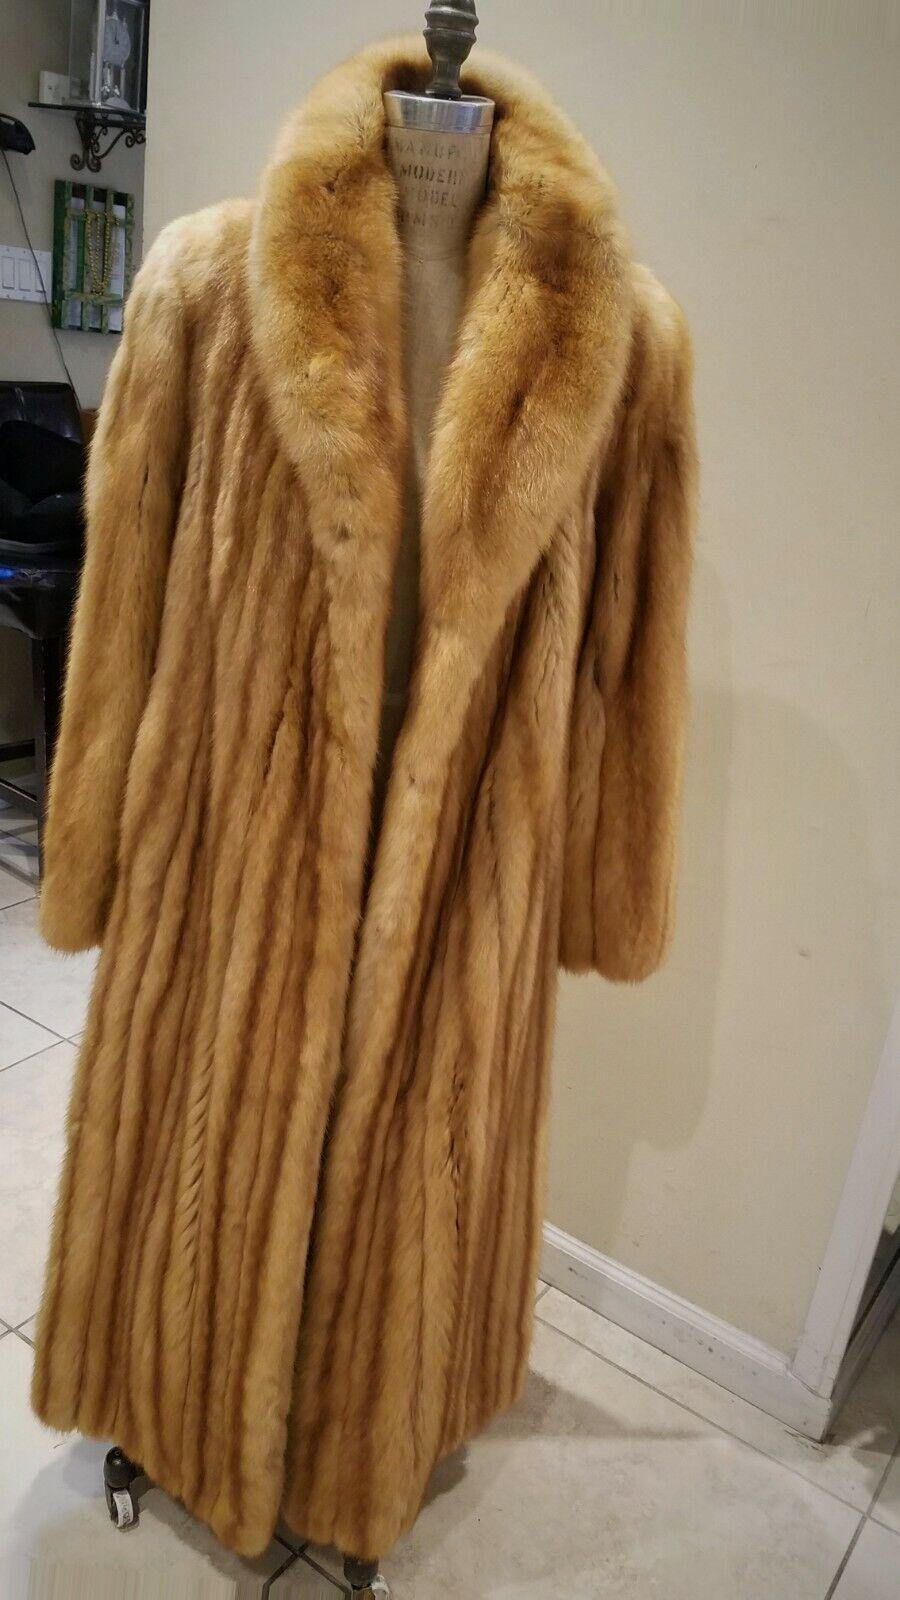 Natural golden Russian Sable Coat Coat Coat - Full Length 34995d